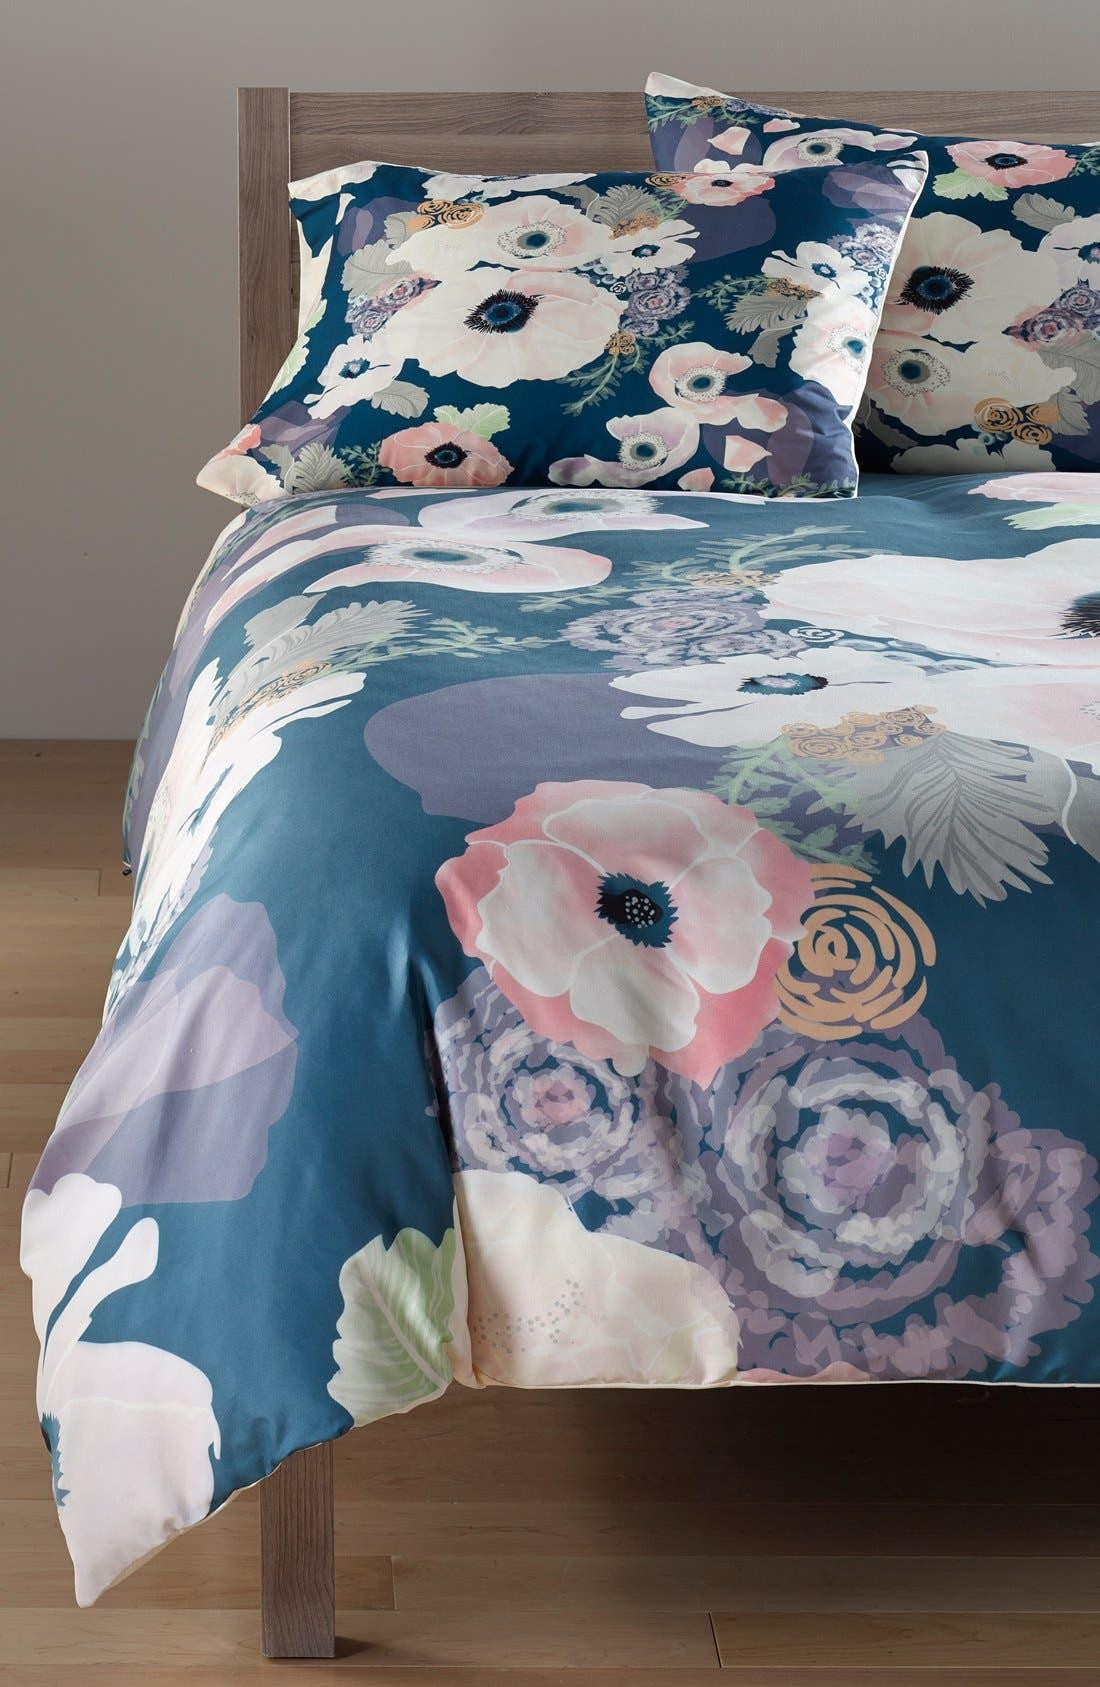 Khristian Howell Duvet Cover & Sham Set,                         Main,                         color, Blue